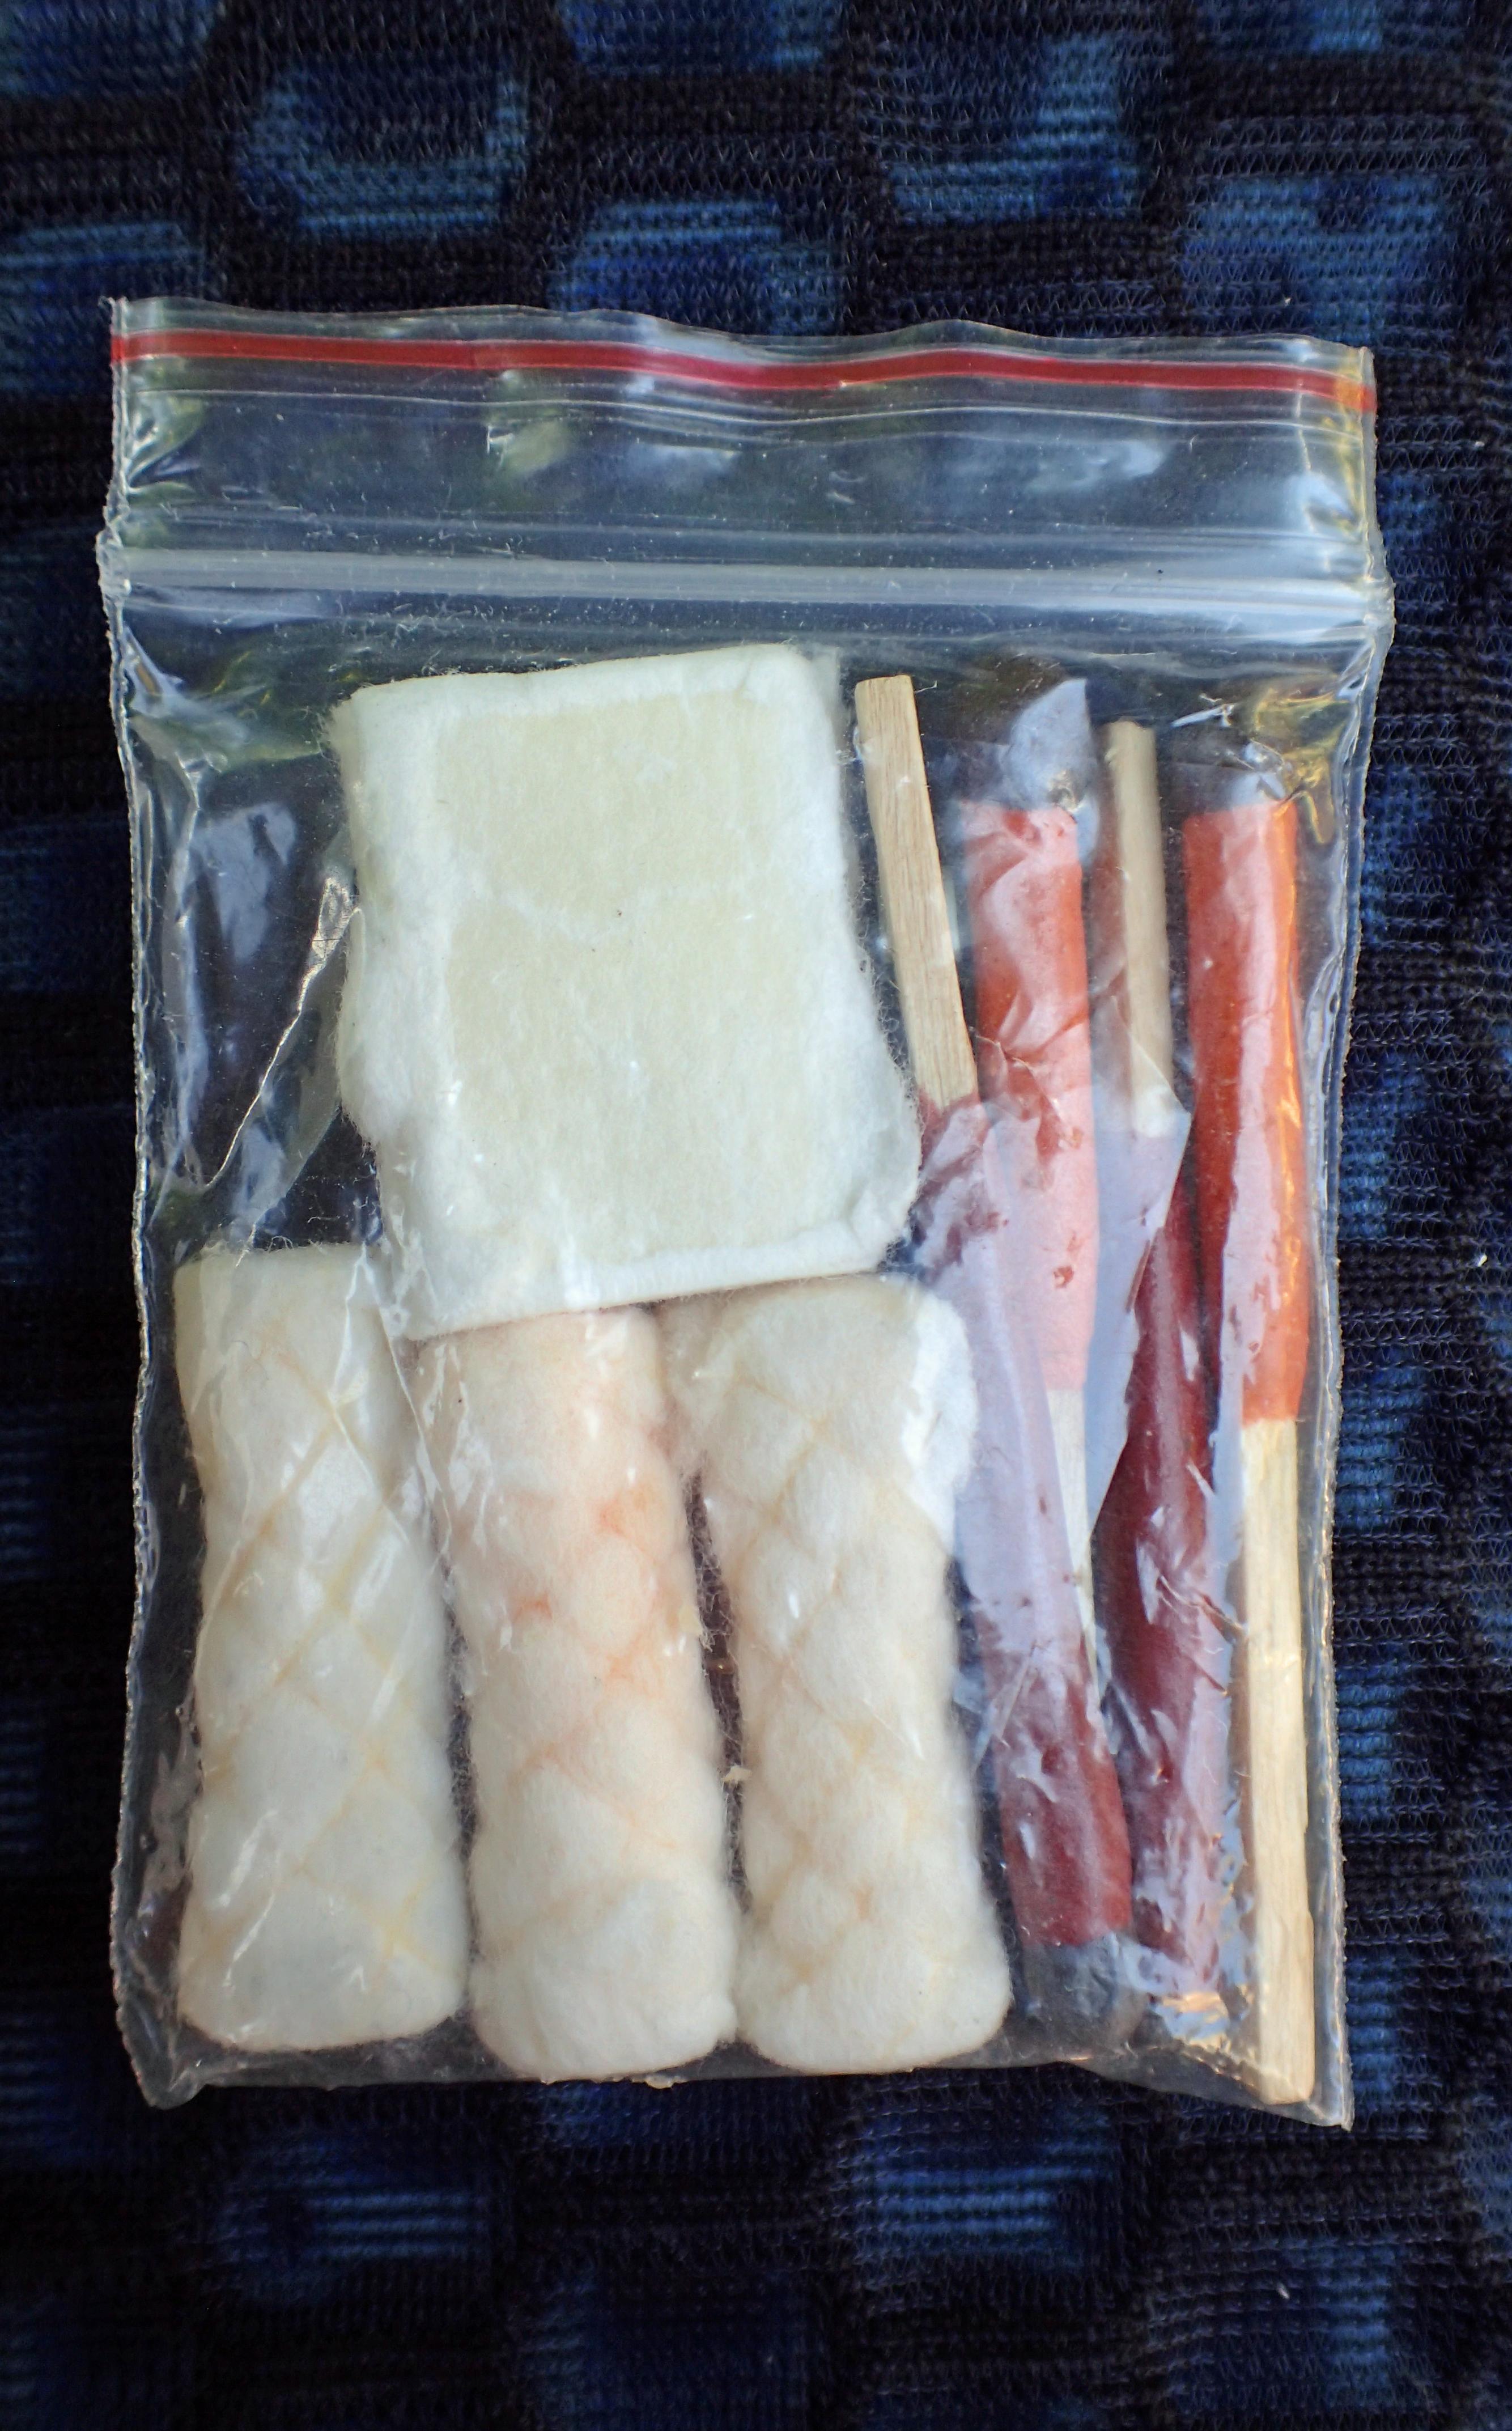 Fire kit in baggie